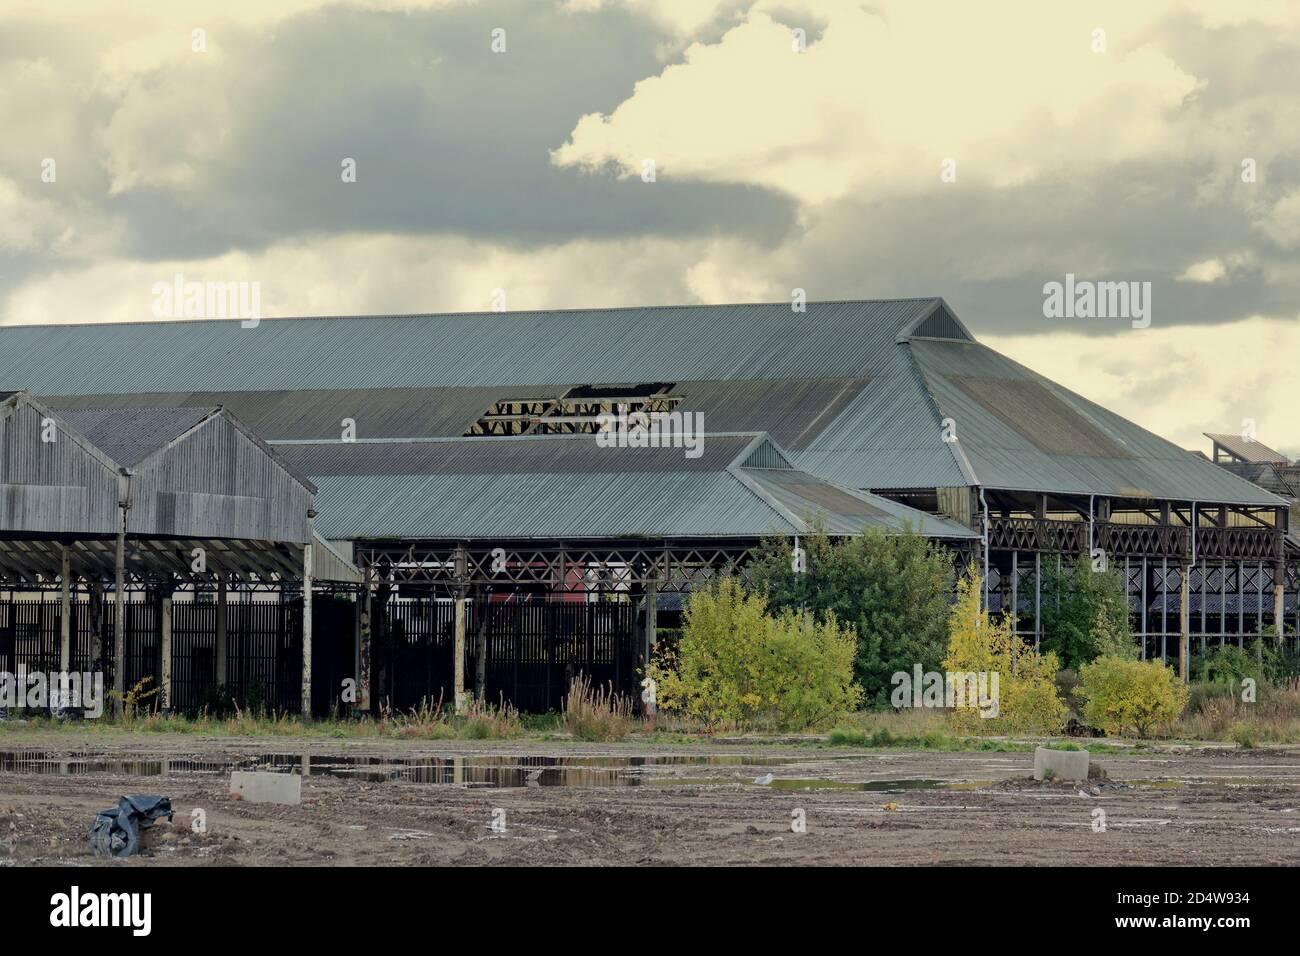 Glasgow, Escocia, Reino Unido, 11 de octubre de 2020:Dennistoun votó el octavo mejor lugar en el mundo para vivir por tiempo fuera o el lugar ocho h más fresco para vivir en el mundo. La gentrificación de la zona de clase obrera del este se refleja en los sitios y la gente, el antiguo meaat de los manglares y el sitio de proime del mercado de ganado para la regeneración. Crédito: Gerard Ferry/Alamy Live News Foto de stock